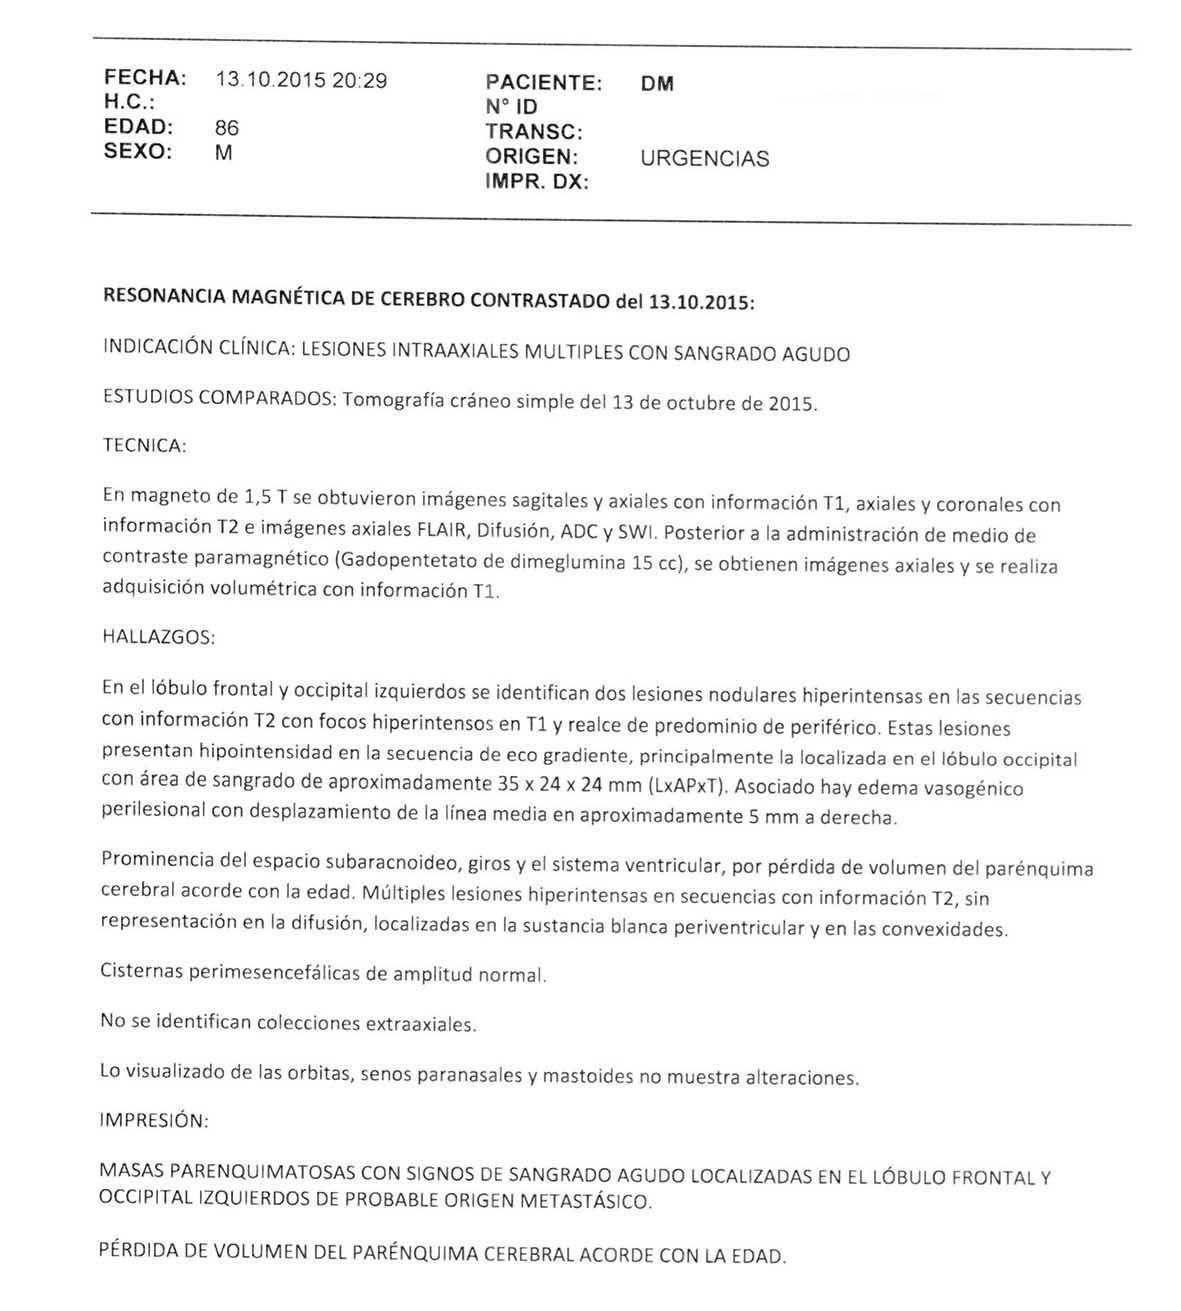 LifEscozul® - Danilo 12 - Cáncer Metastático Primario Desconocido